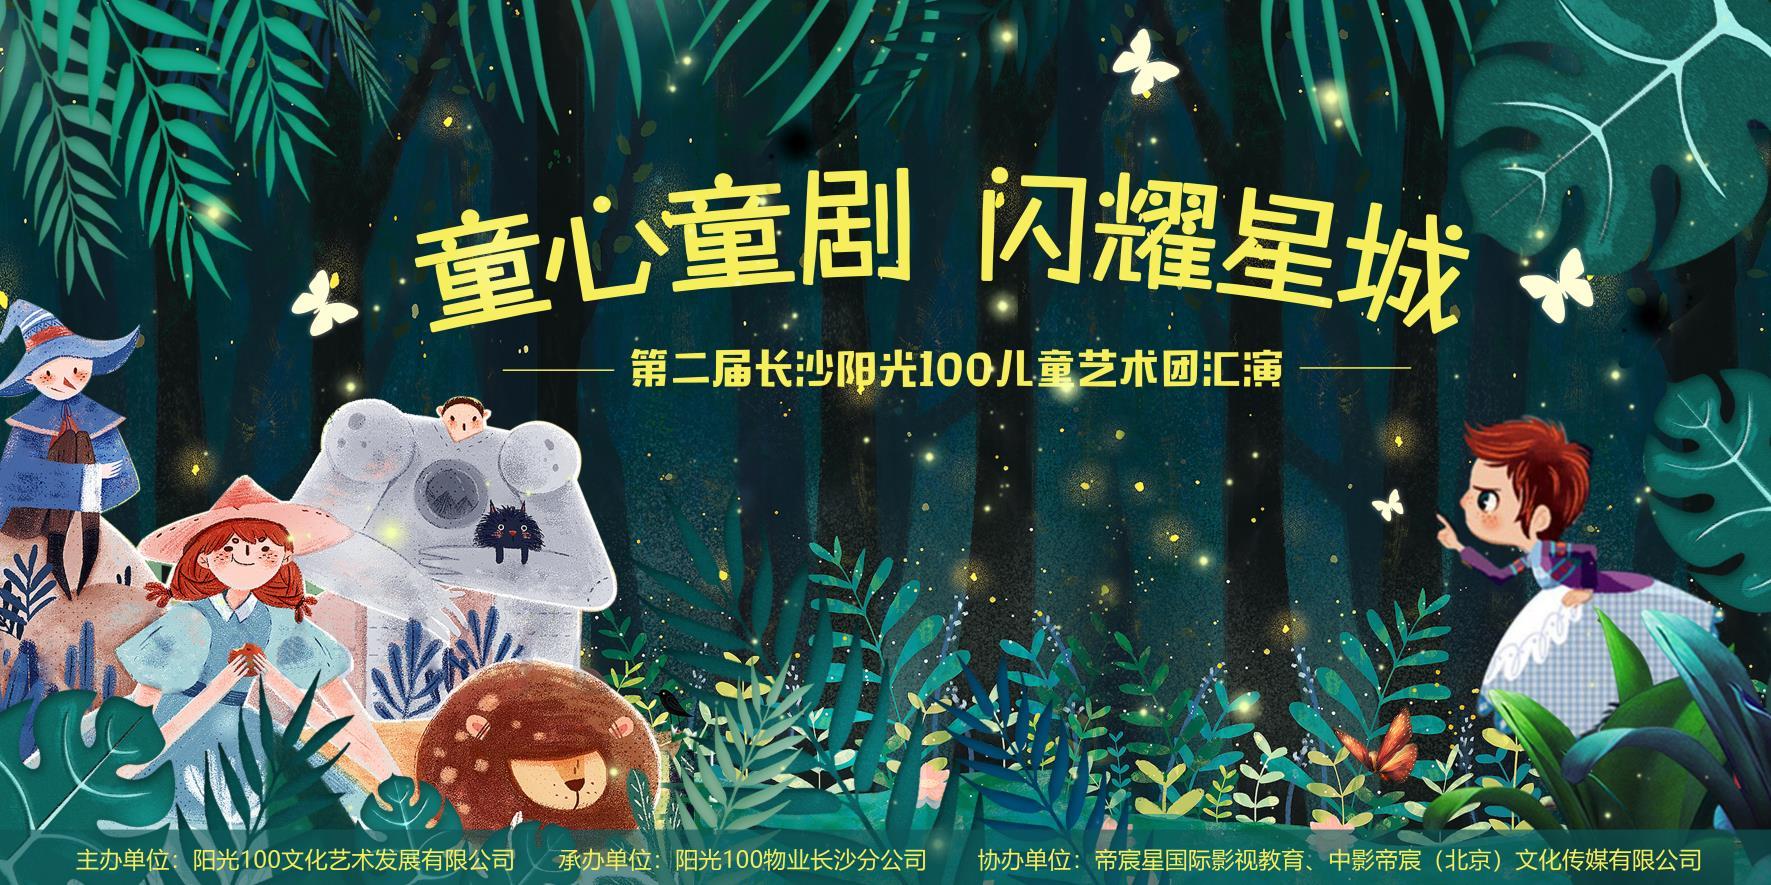 """""""童心童剧,闪耀星城""""第二届长沙阳光 100 儿童艺术团汇演落幕"""